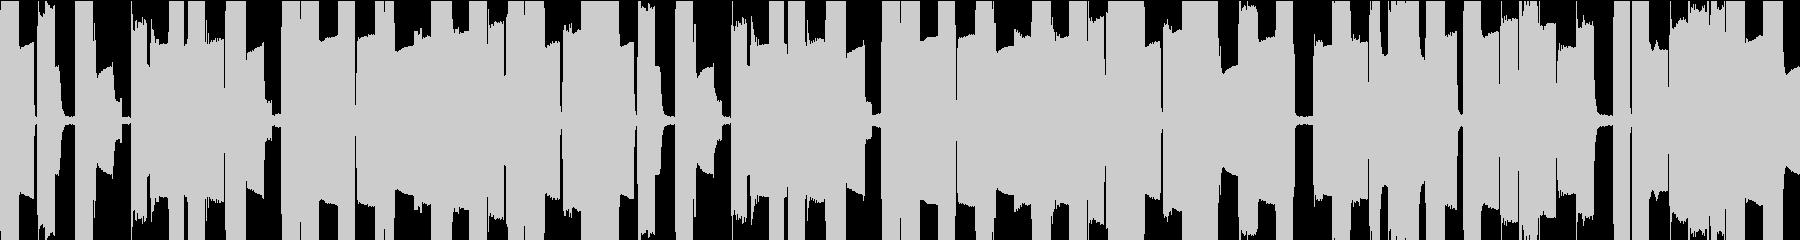 ピコピコとした8bitサウンド(ループ)の未再生の波形